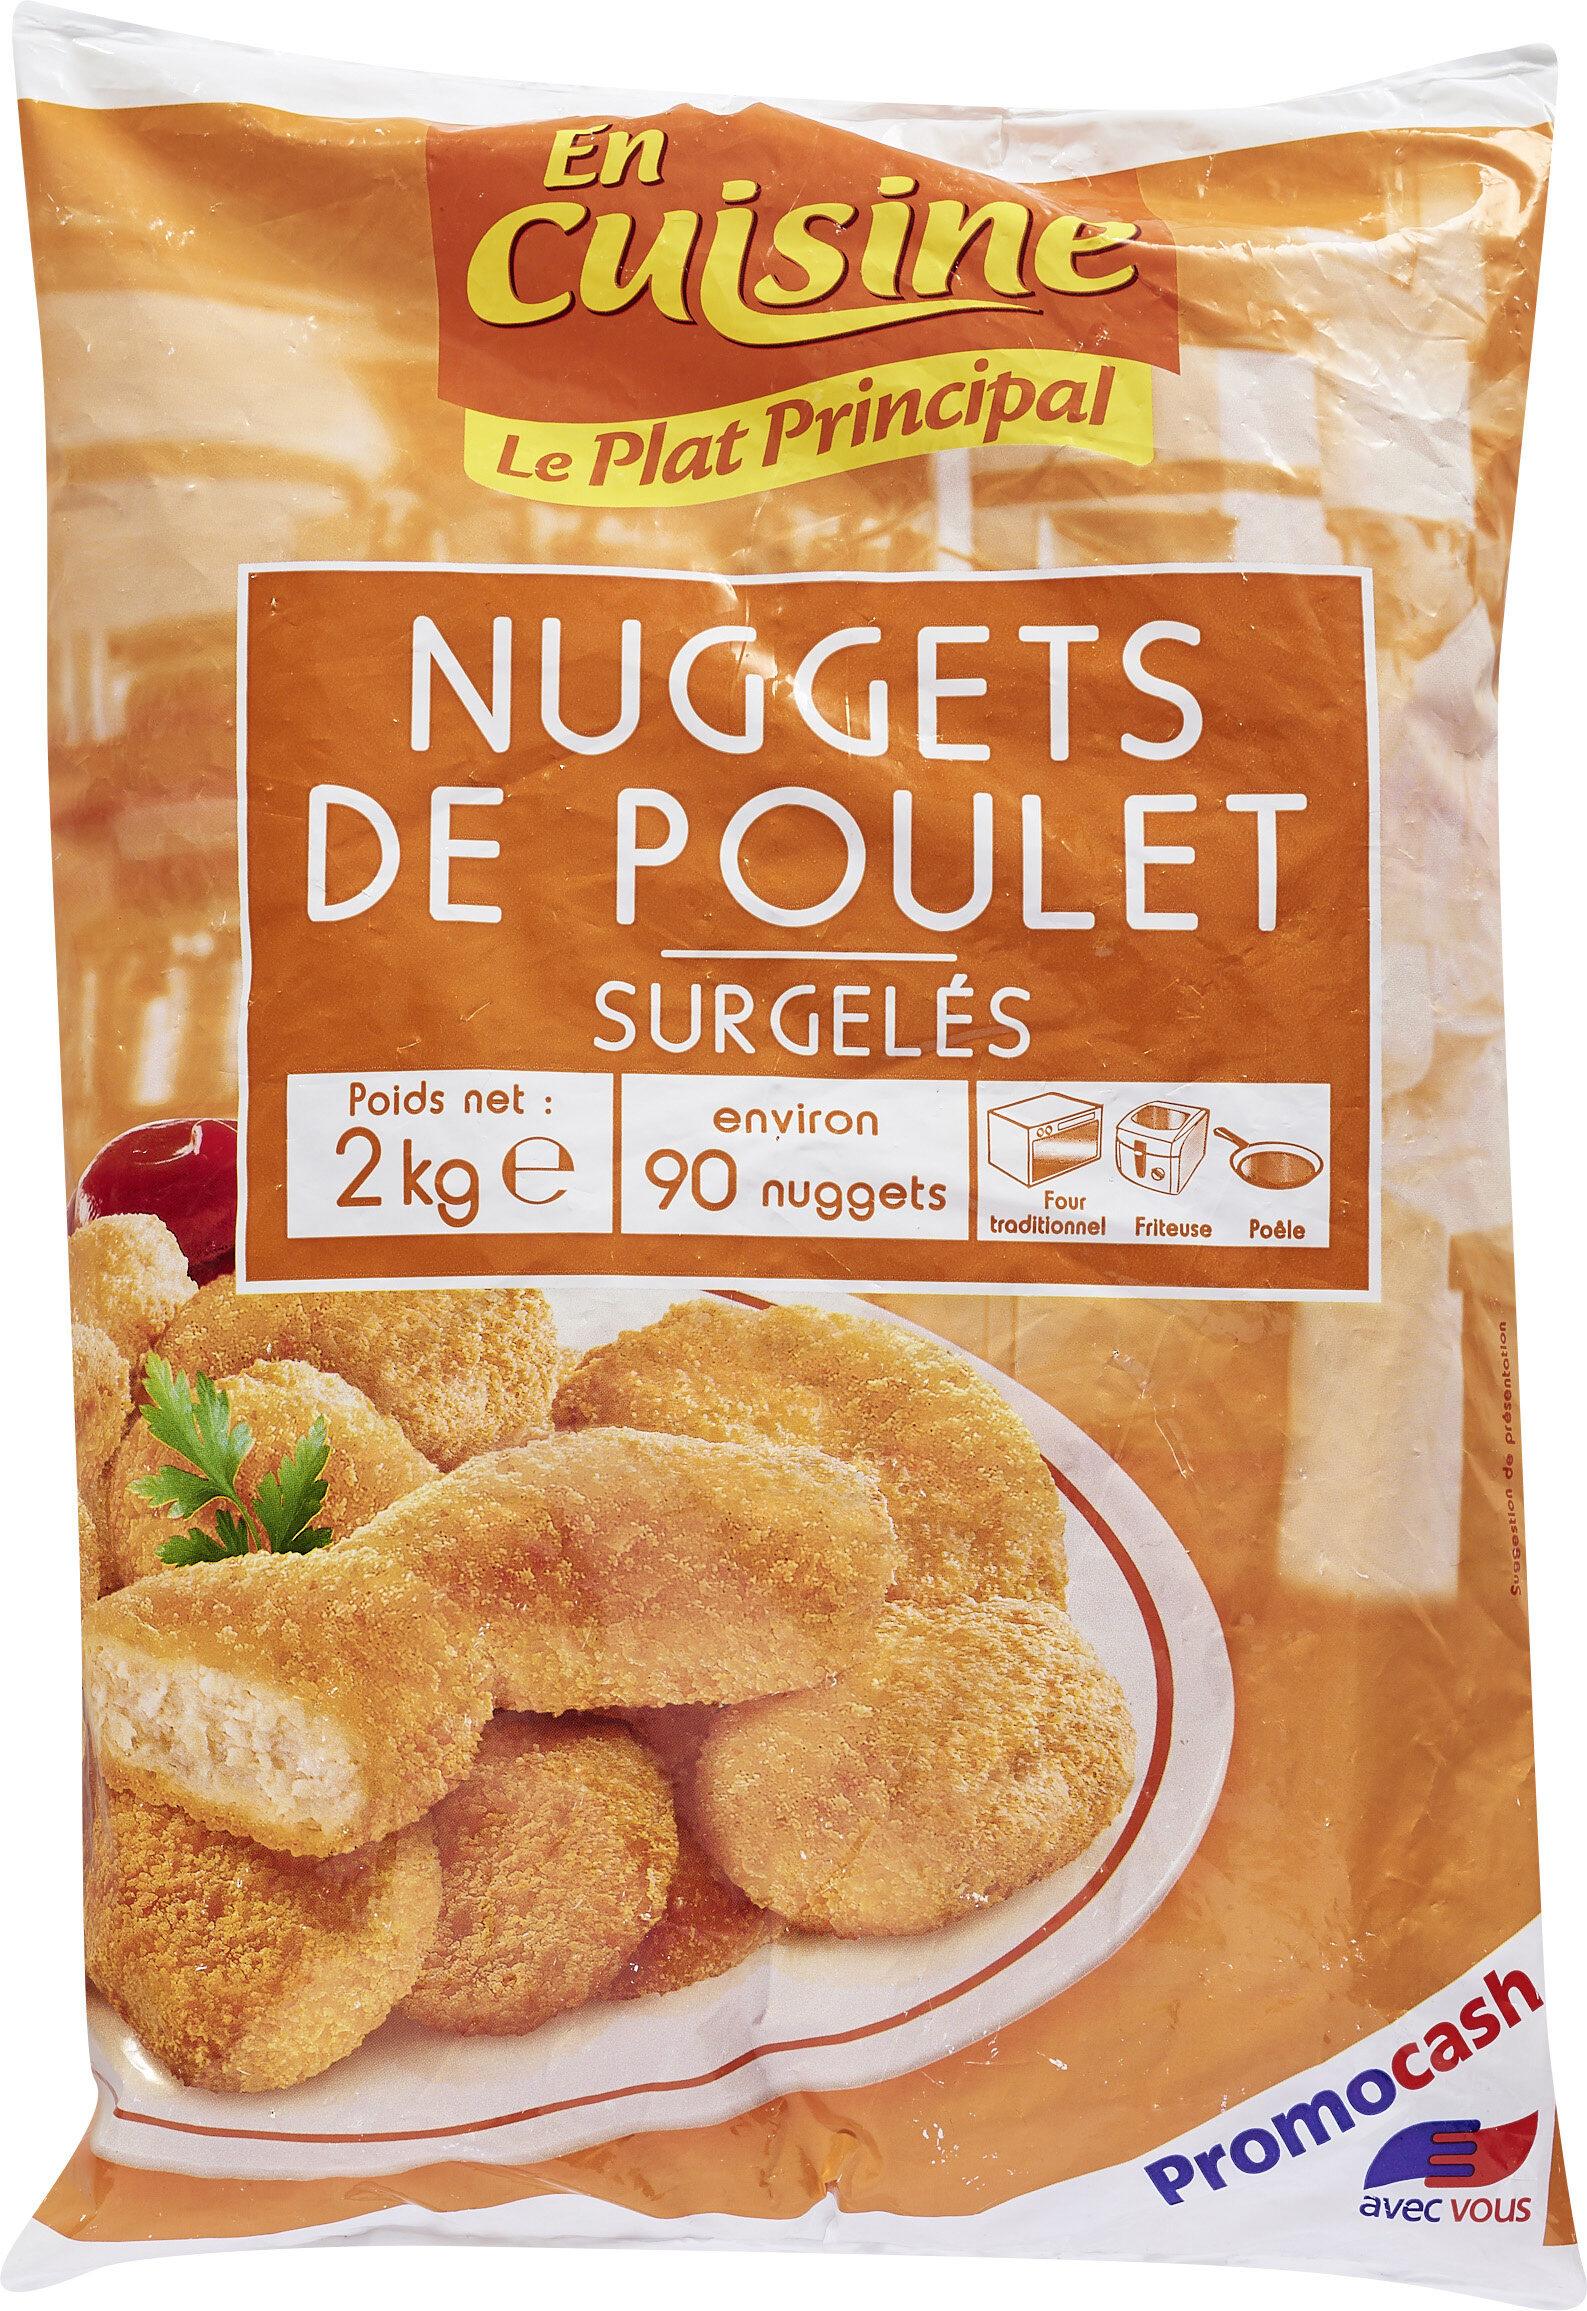 2KG Nuggets Poulet En Cuisine - Produit - fr